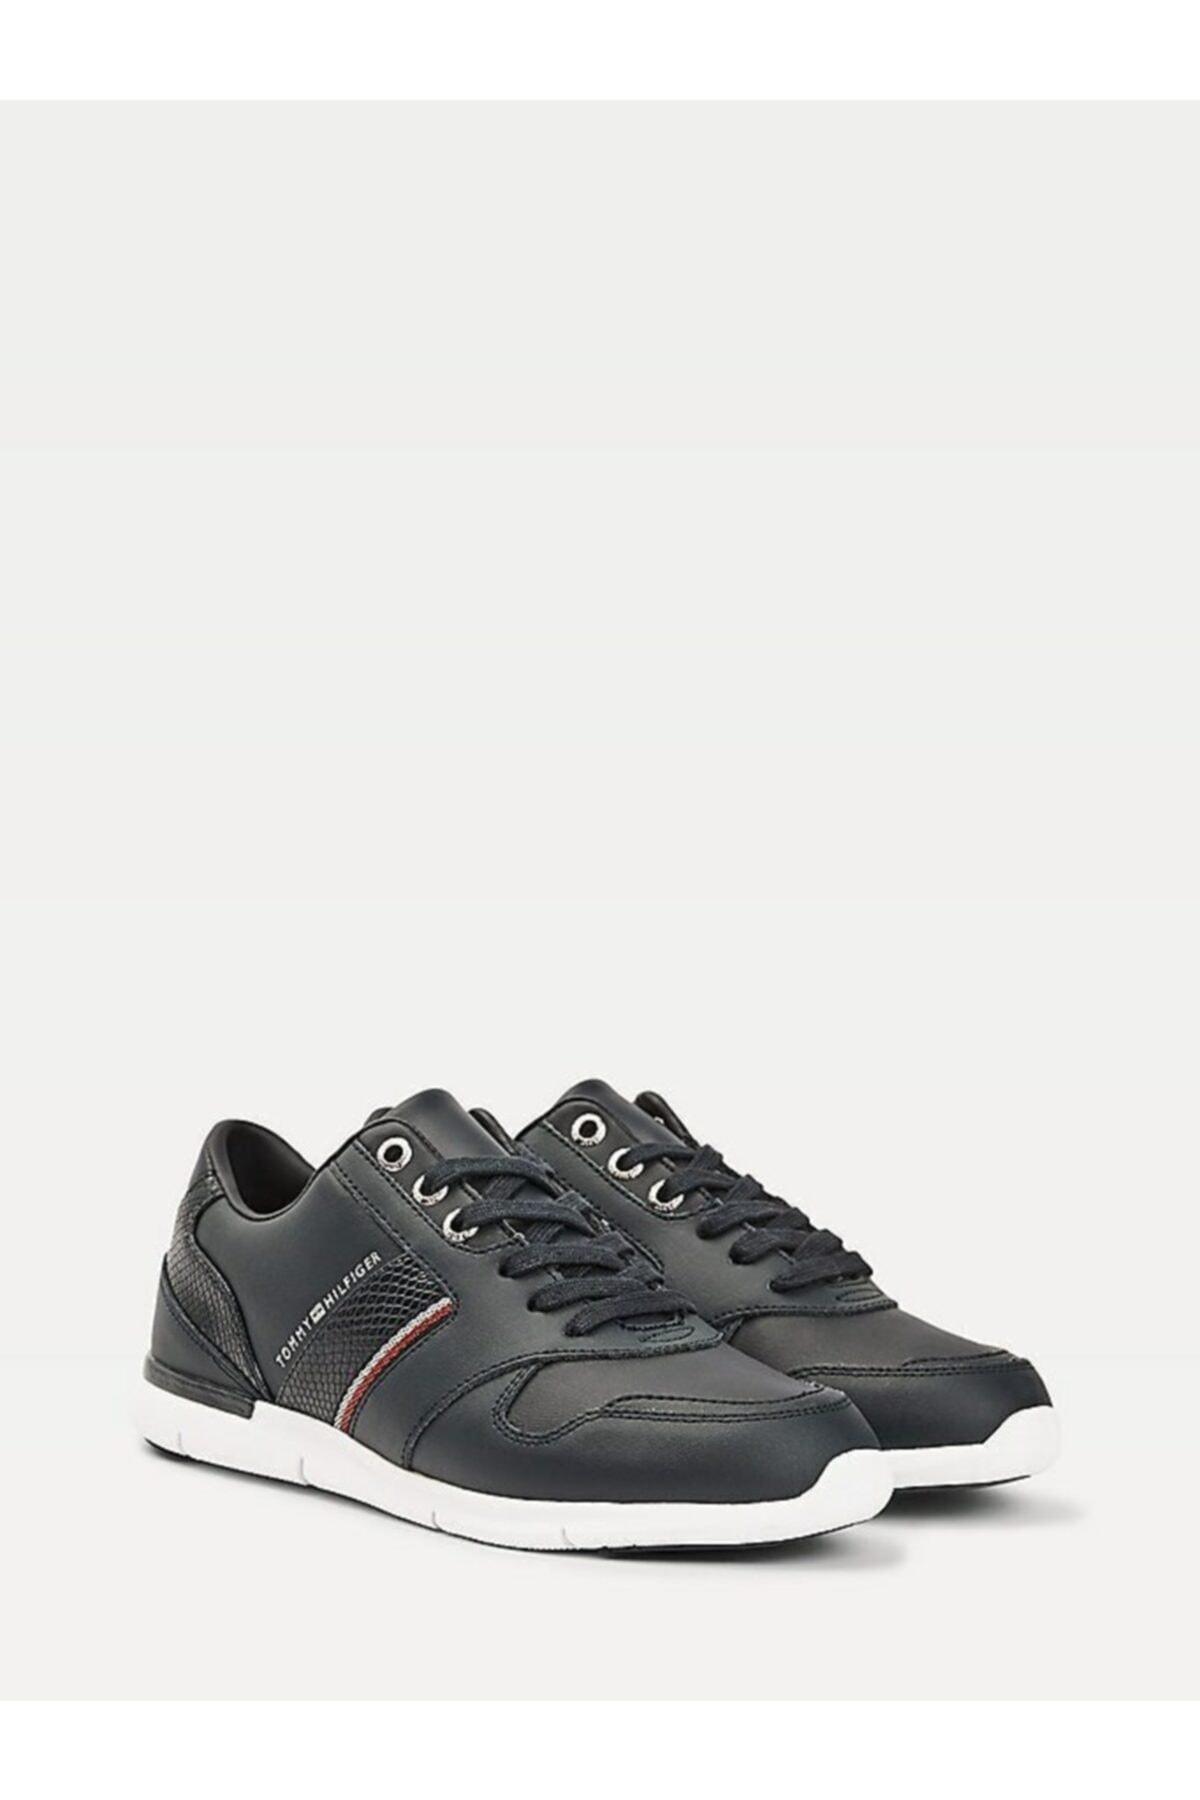 Tommy Hilfiger Kadın Mavi Sneaker Corporate Lıghtweıght Sneaker FW0FW05244 1